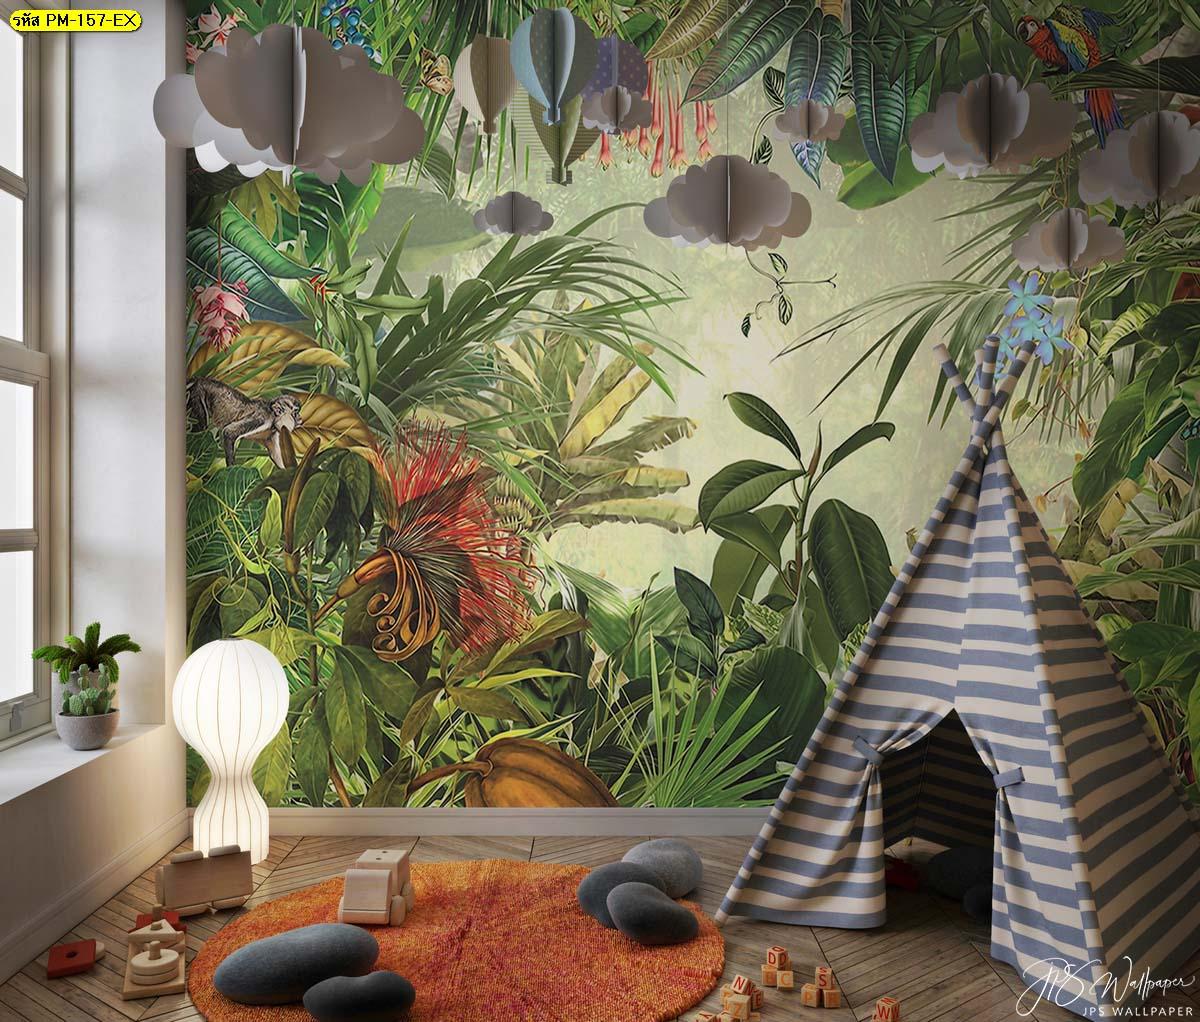 วอลเปเปอร์รูปป่า วอลเปเปอร์ติดห้องนอน ภาพติดผนังสวยๆ